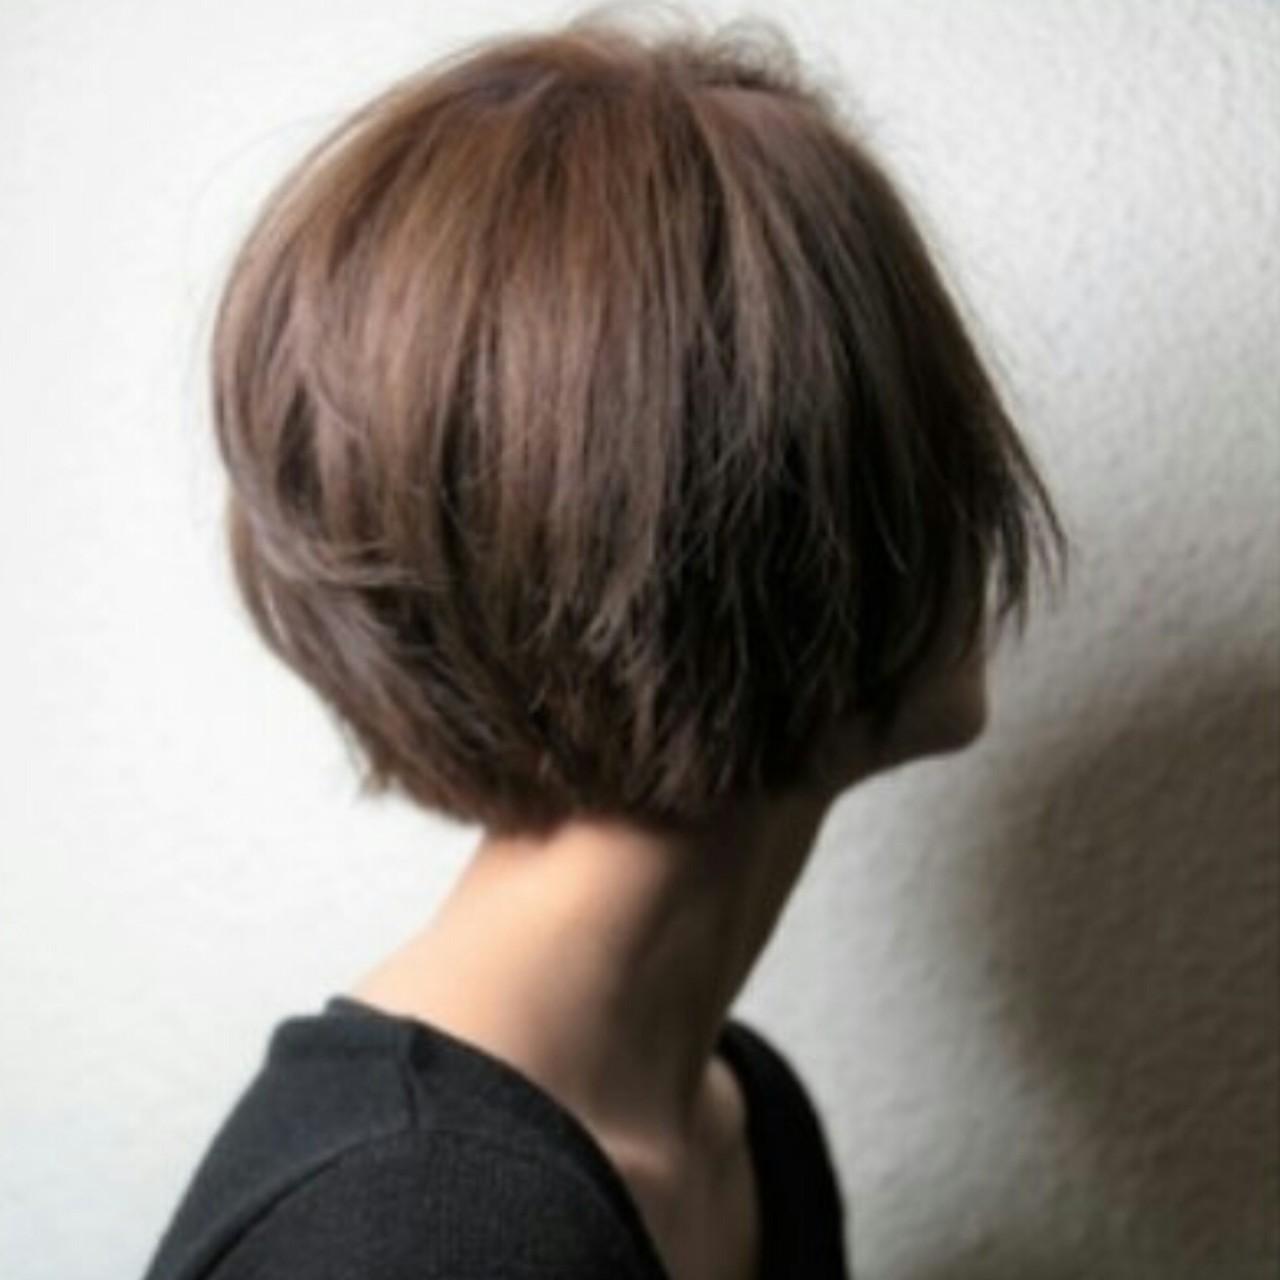 モード 暗髪 アッシュ ショートヘアスタイルや髪型の写真・画像